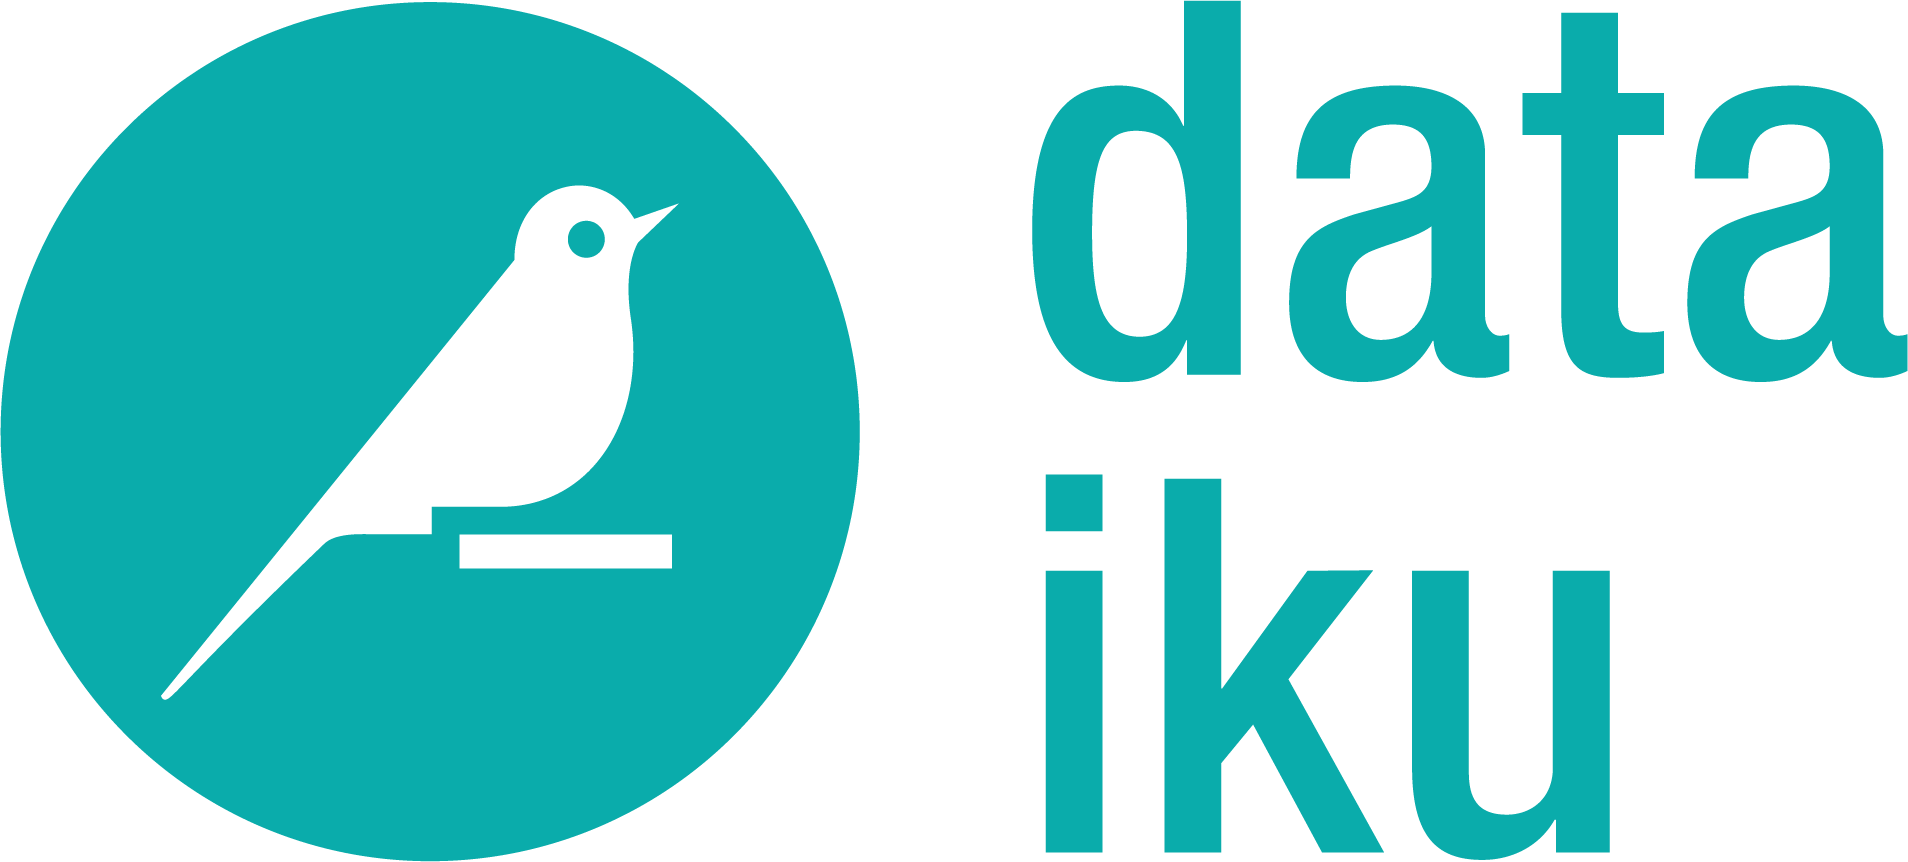 Dataiku_logo_teal-1